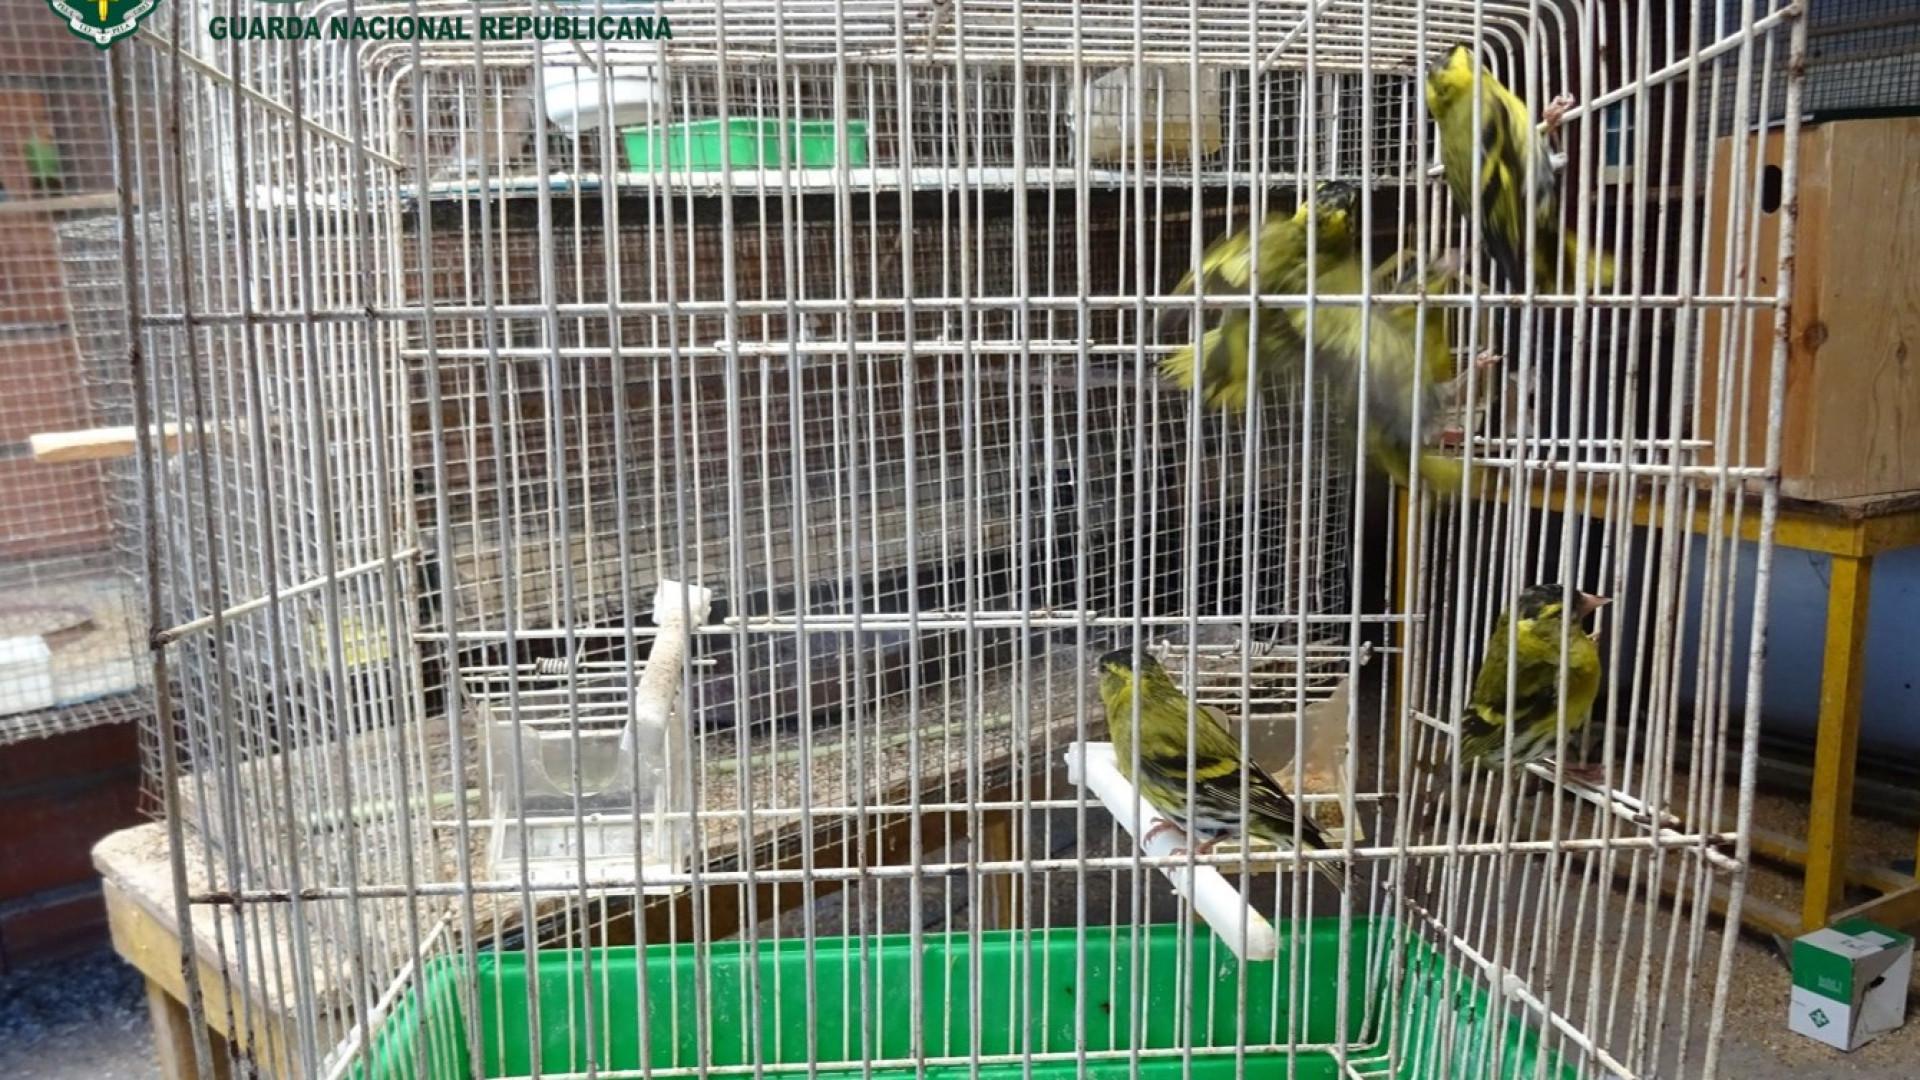 Idoso tinha aves selvagens em cativeiro. GNR apreendeu seis